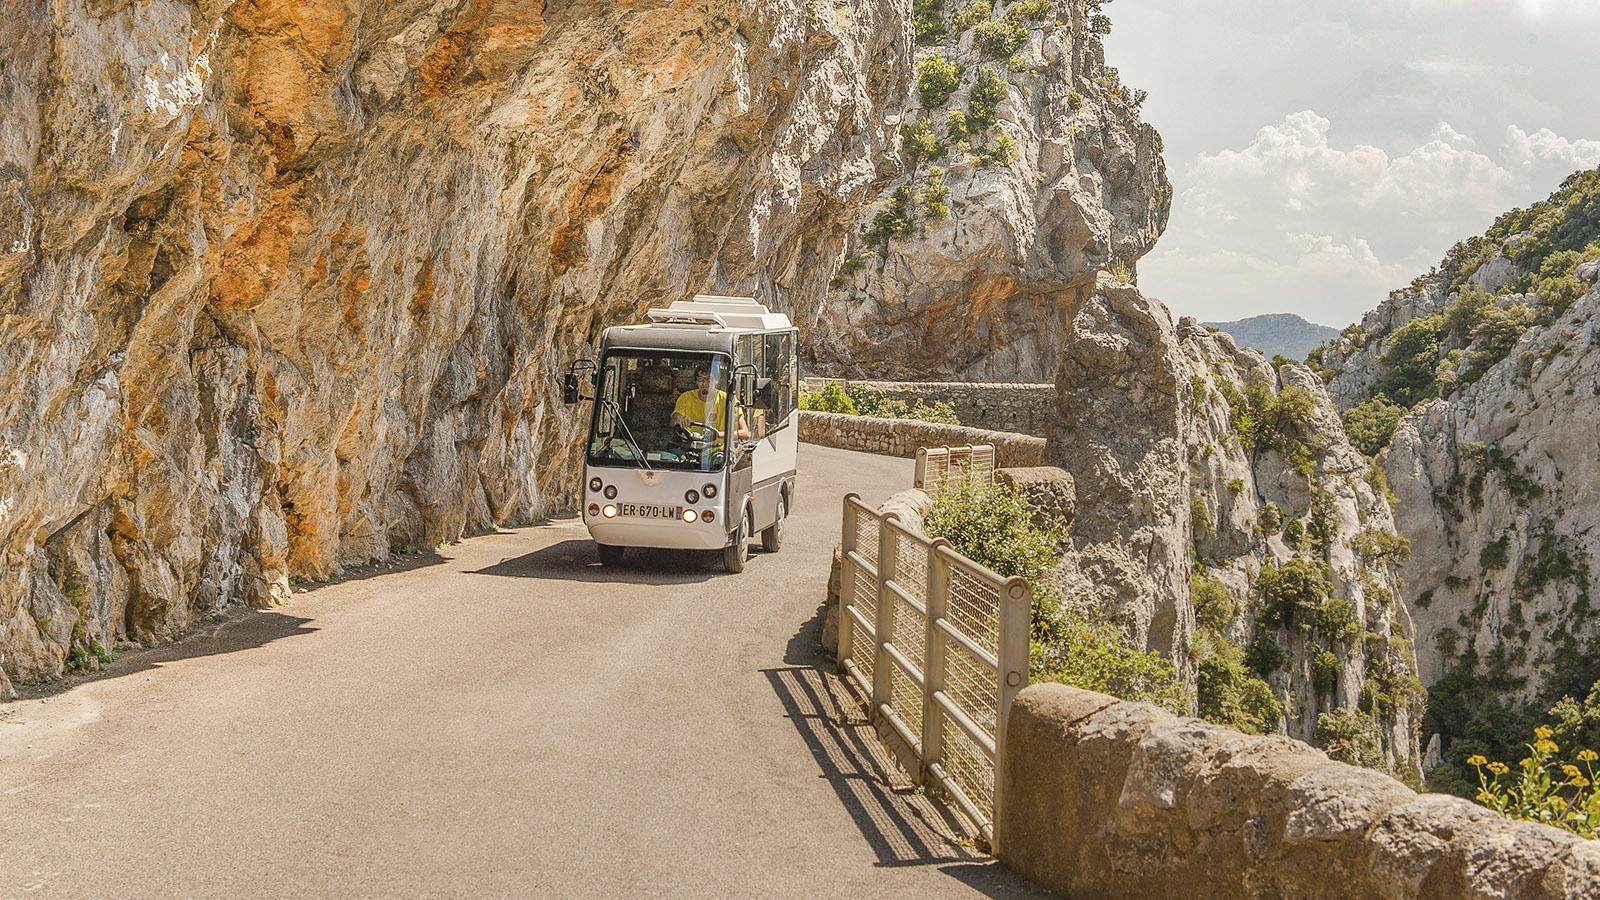 Gorges de Galamus: Im Sommer pendelt ein Elektrobus durch die Schlucht. Foto: Hilke Maunder